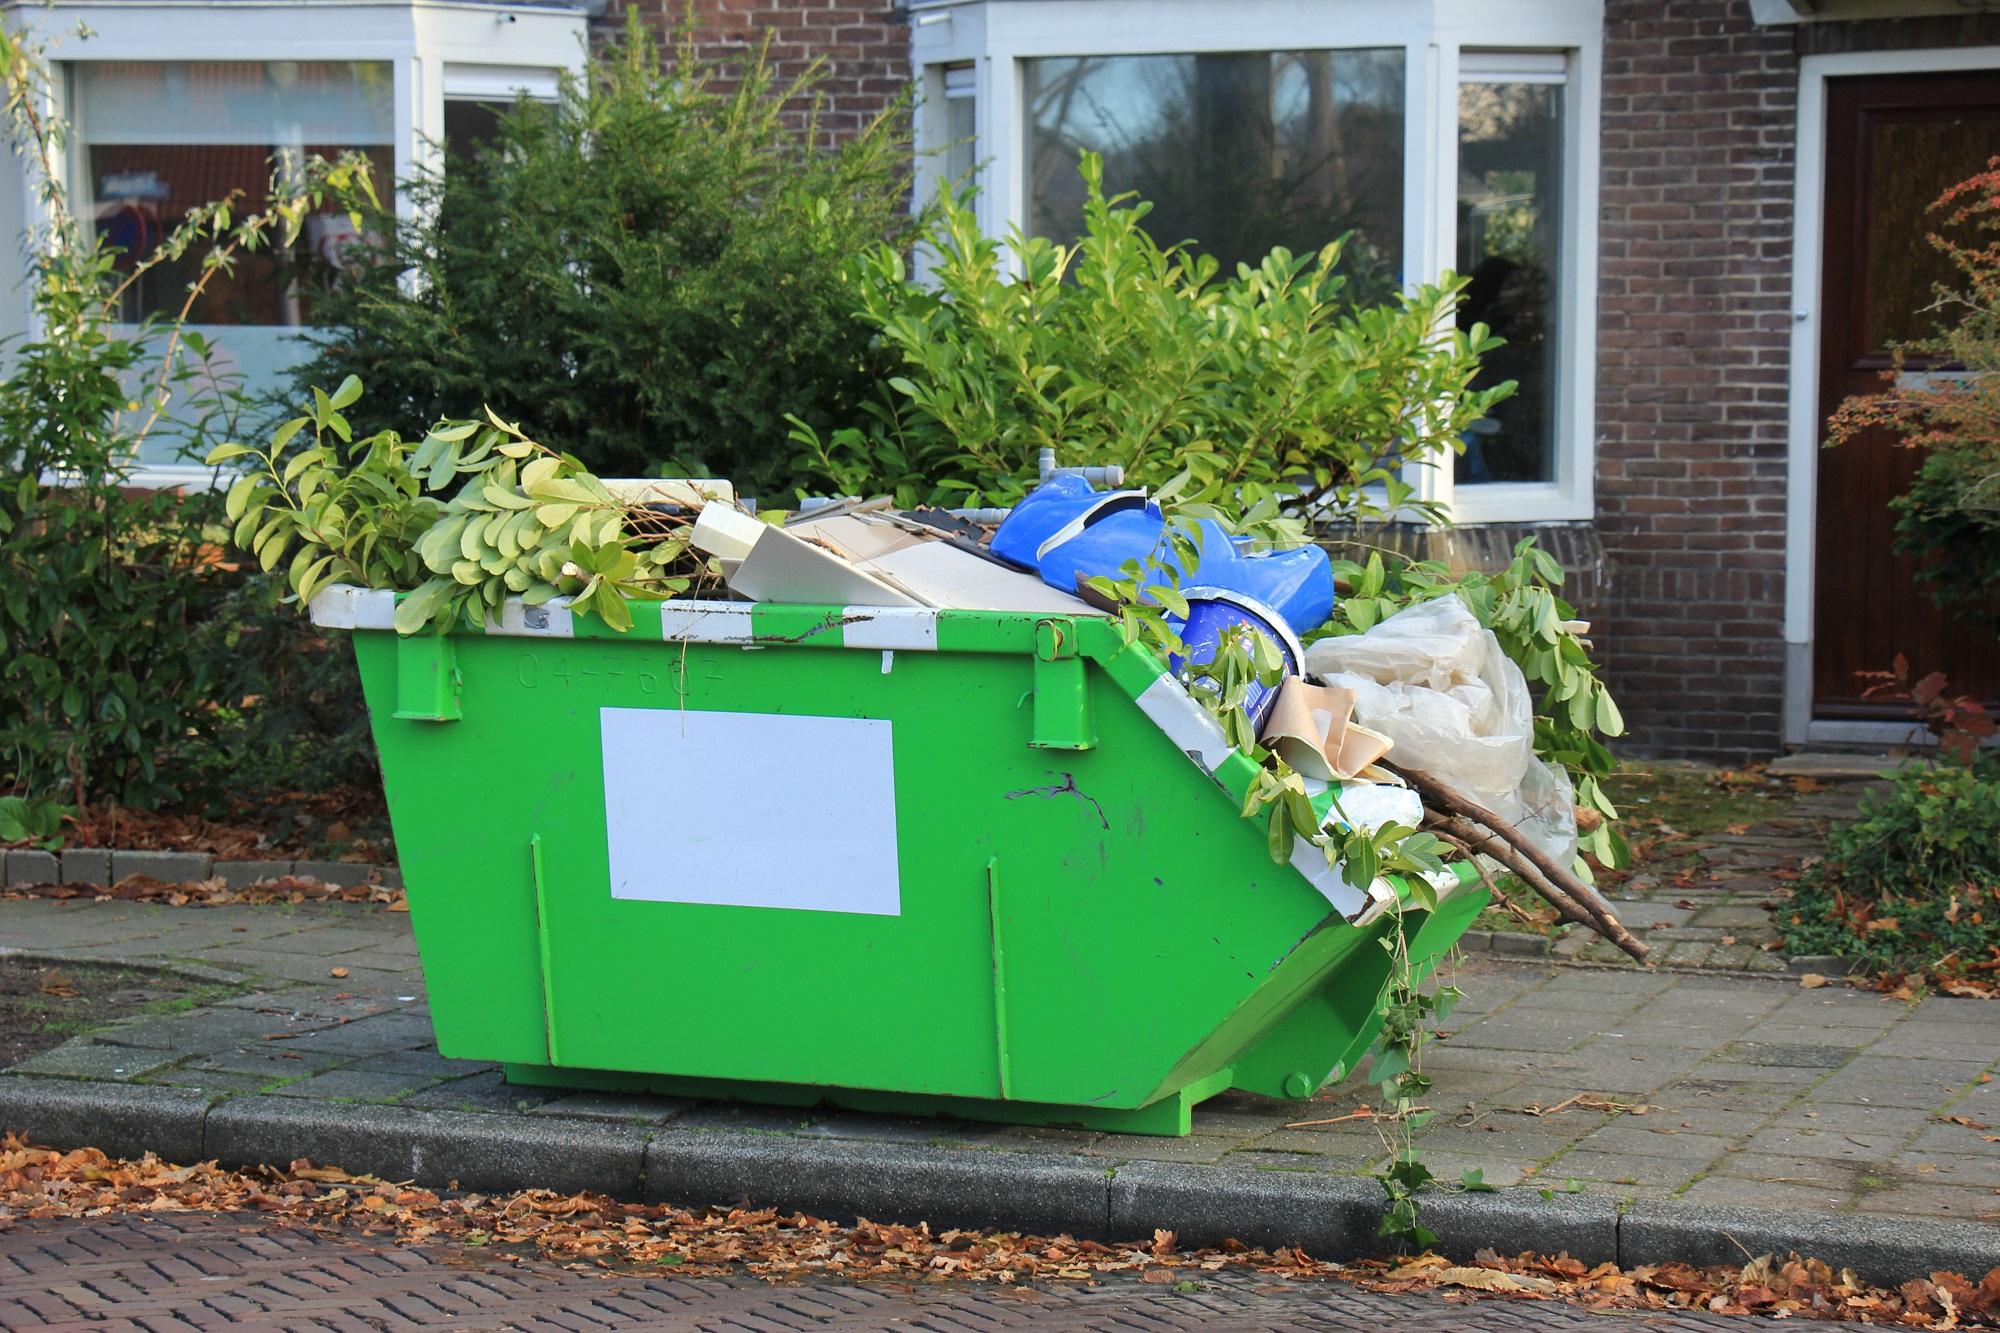 Green skip bin